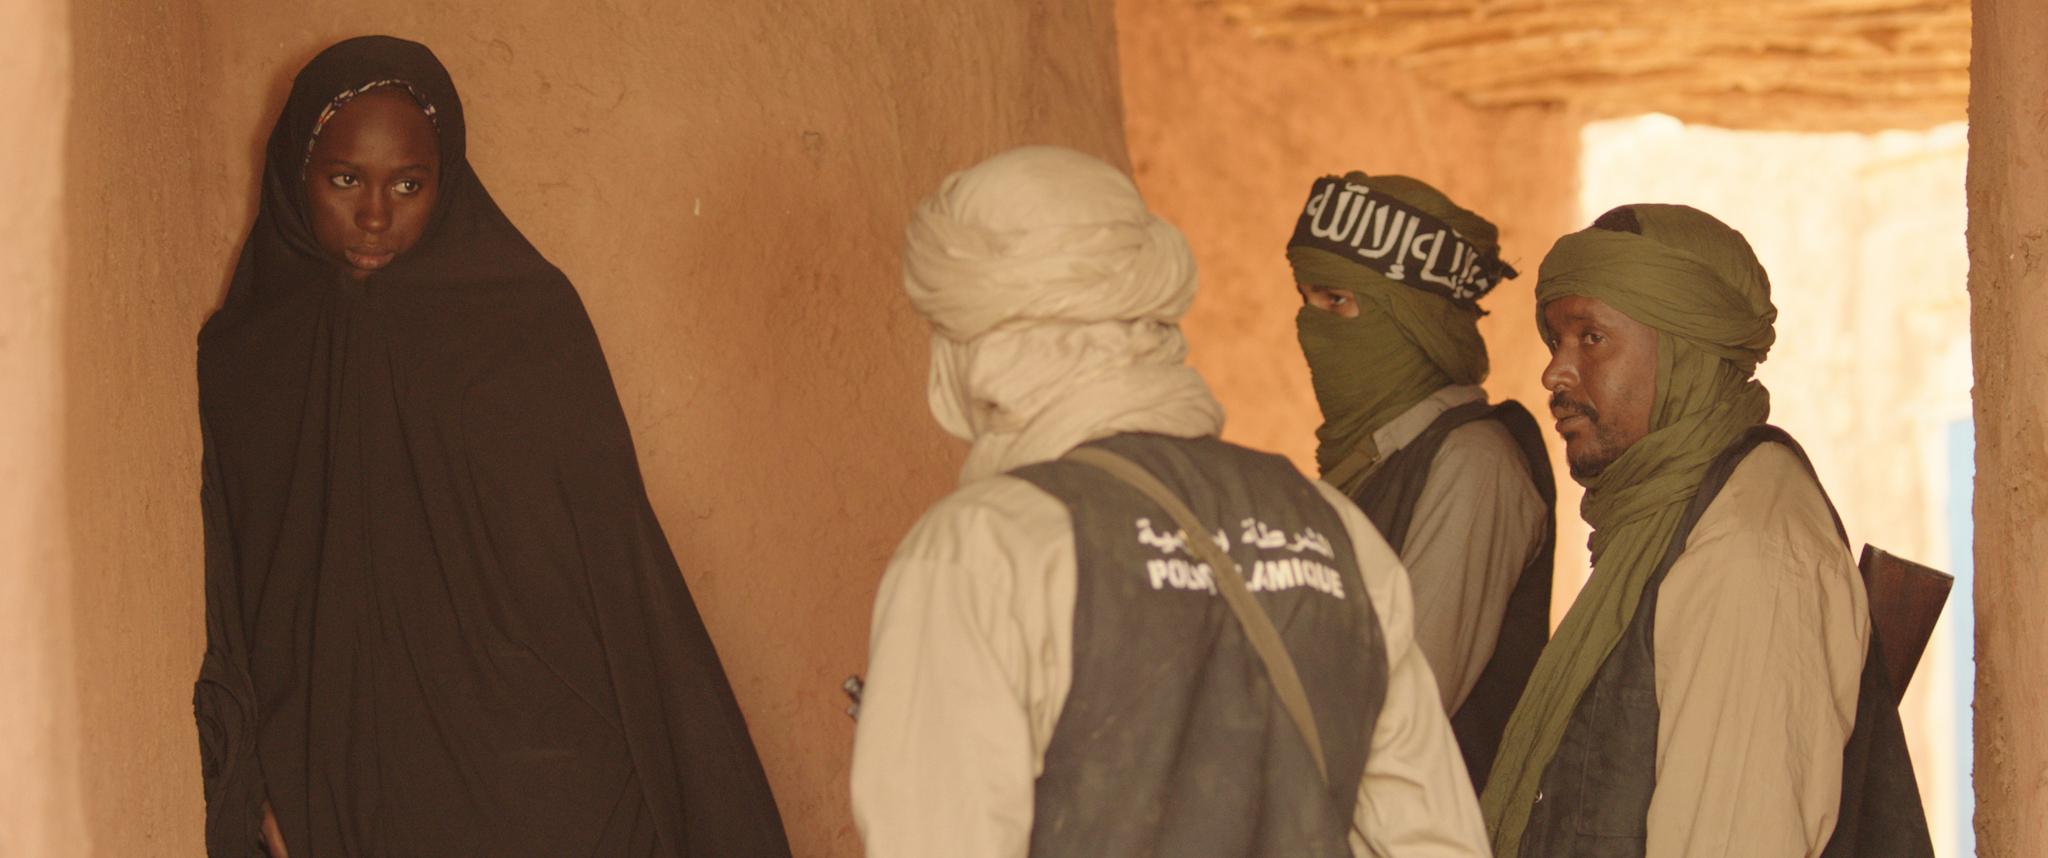 Filmska srečanja ob kavi: pogovor po projekciji filma Timbuktu